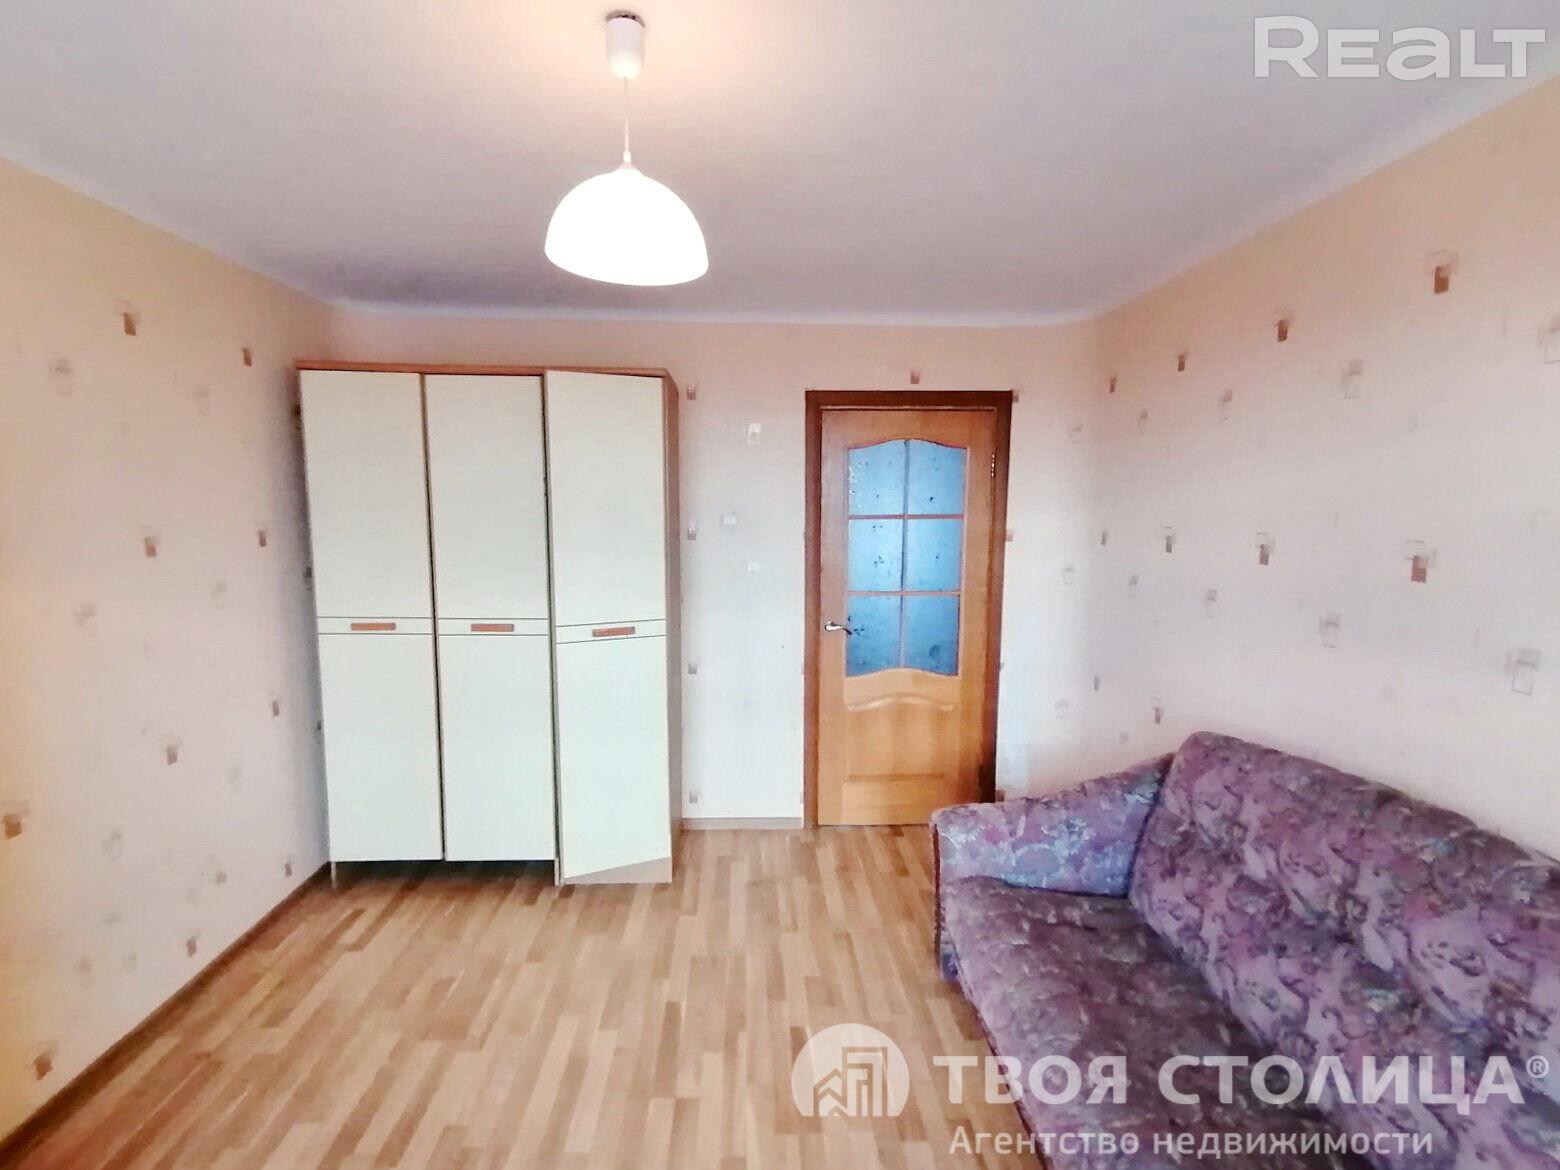 Продажа 2-х комнатной квартиры, г. Минск, ул. Шабаны, дом 13 (р-н Шабаны). Цена 134 984 руб